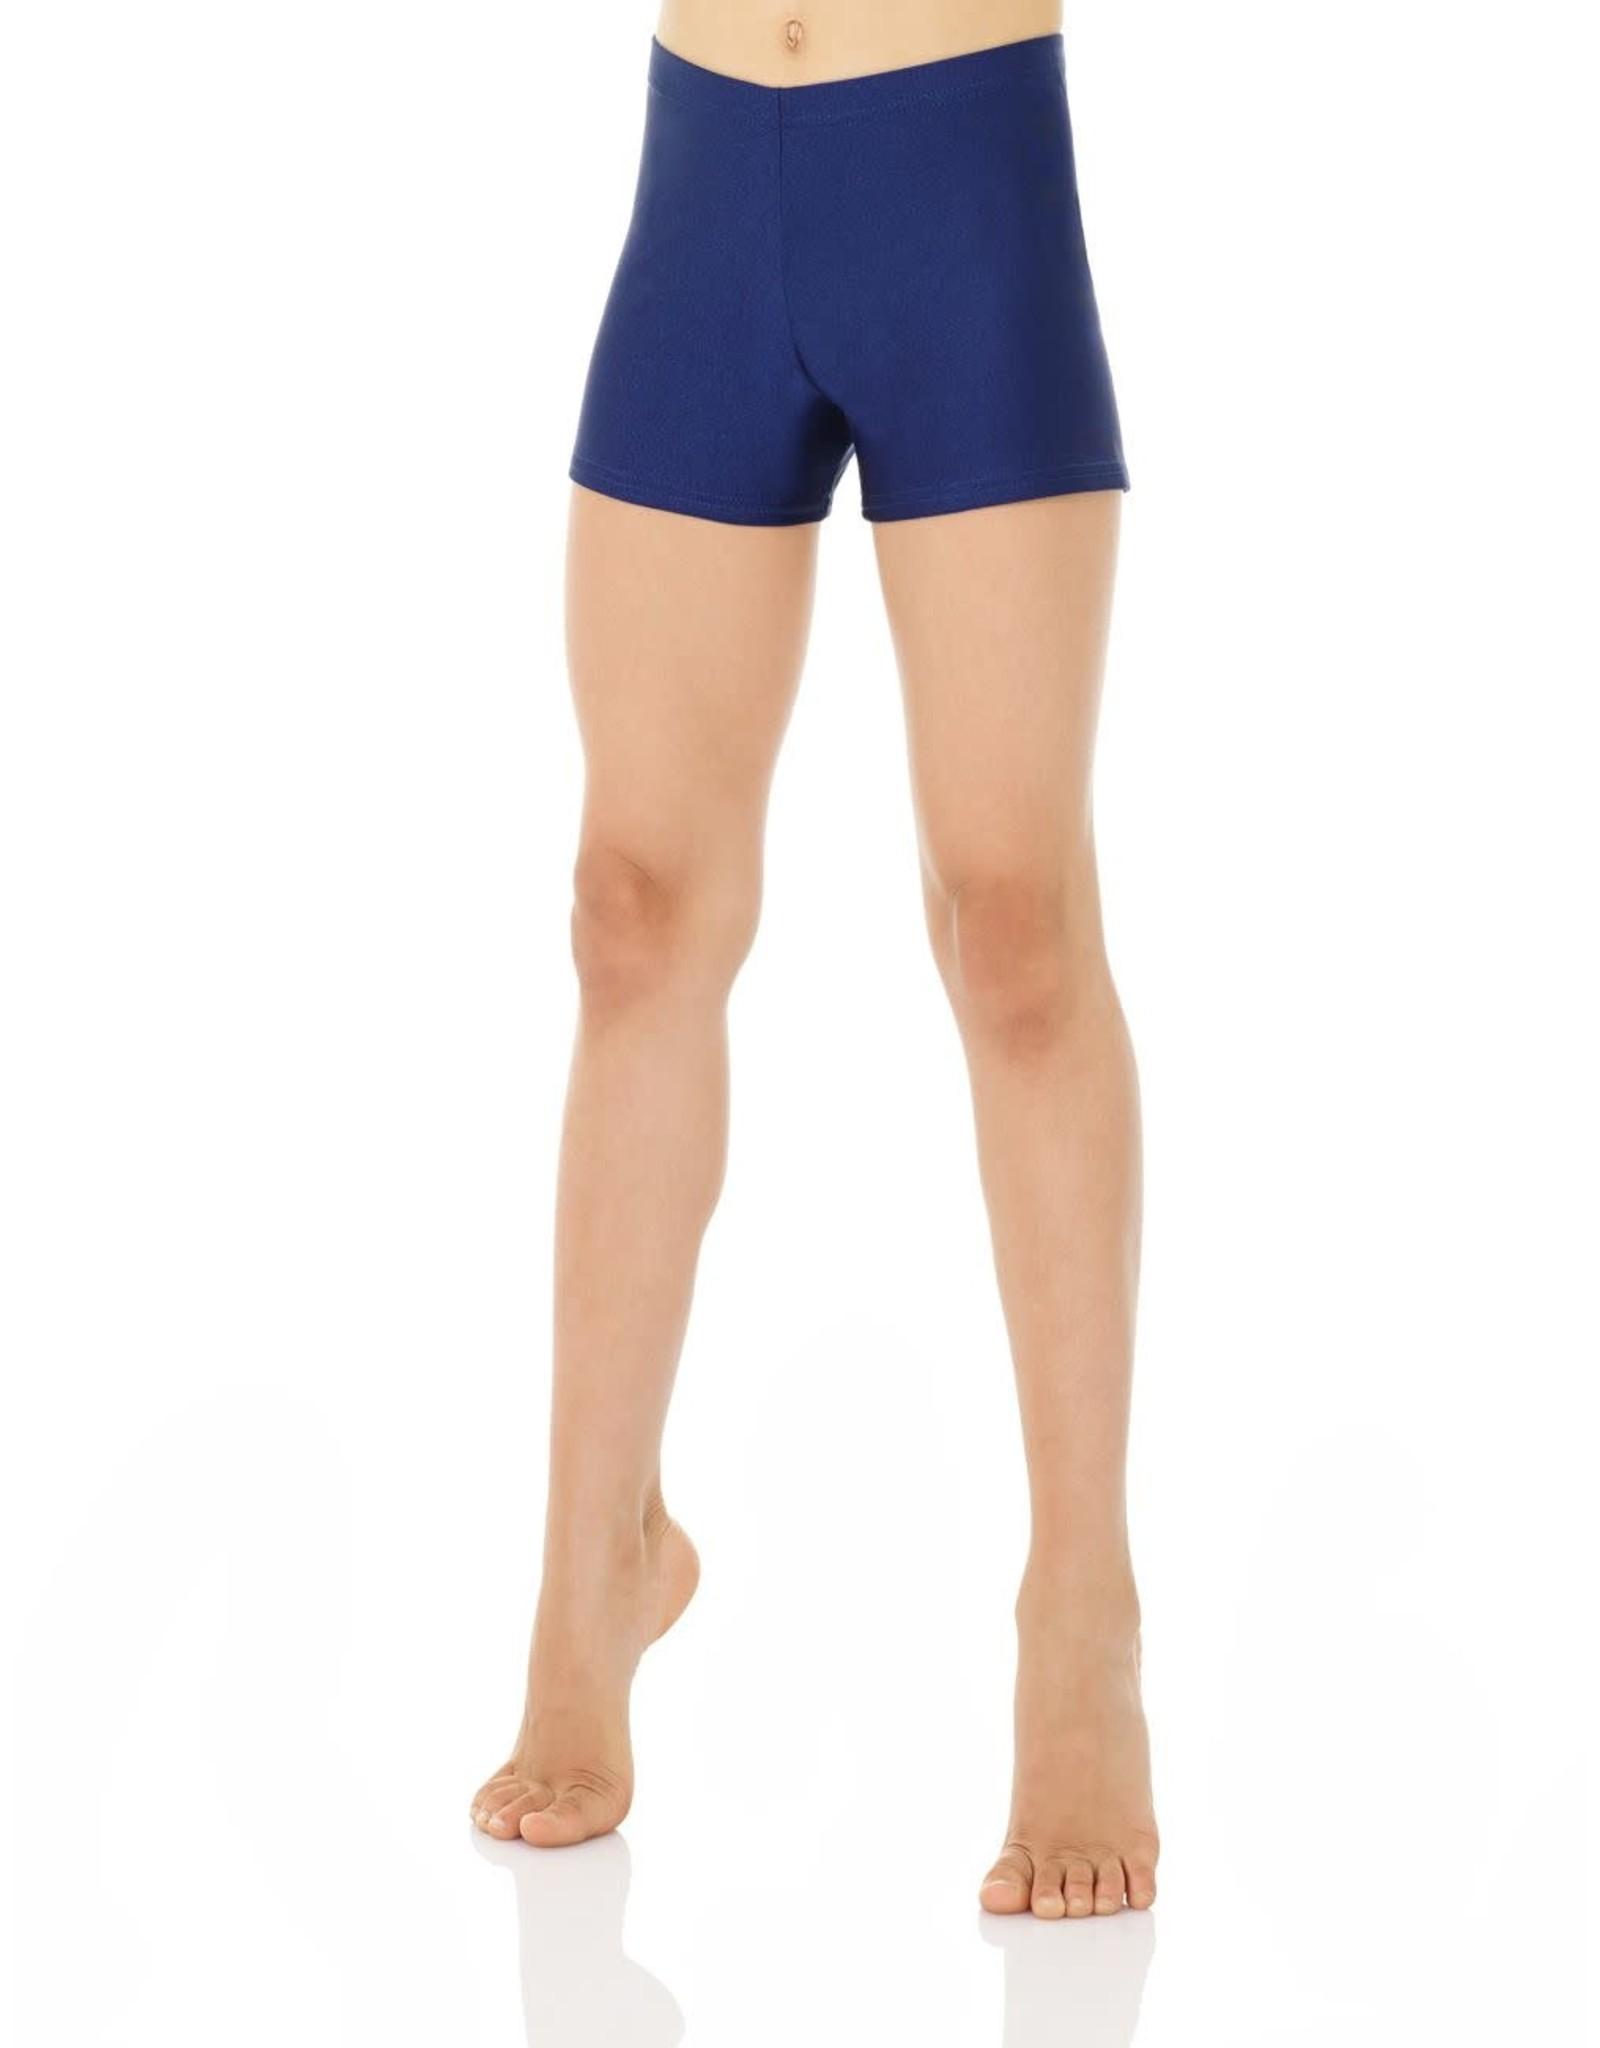 Mondor Gymnastic Shorts 7838